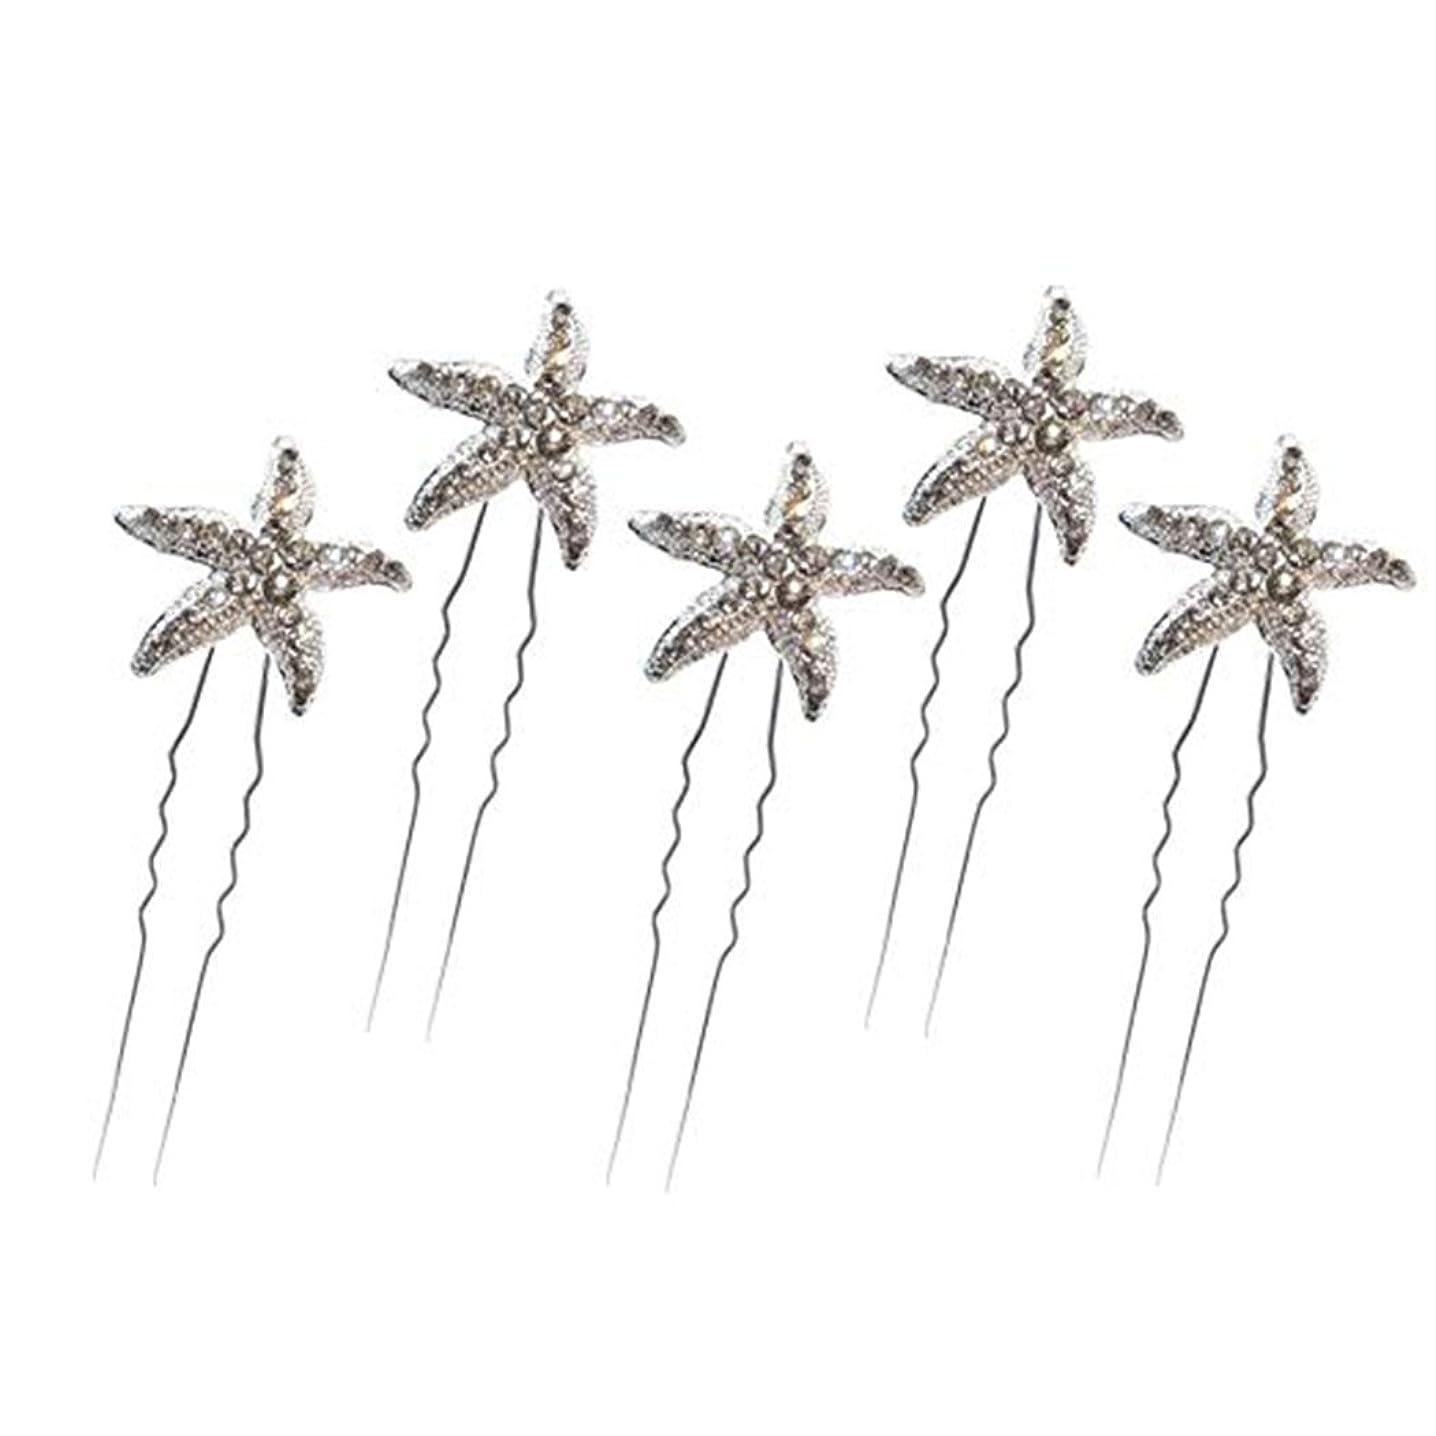 レーダー薬帝国PINKING ヘアピン Uピン ウェディング 結婚式 髪飾り ヘアアクセサリー 幸福 かわいい 6個セット